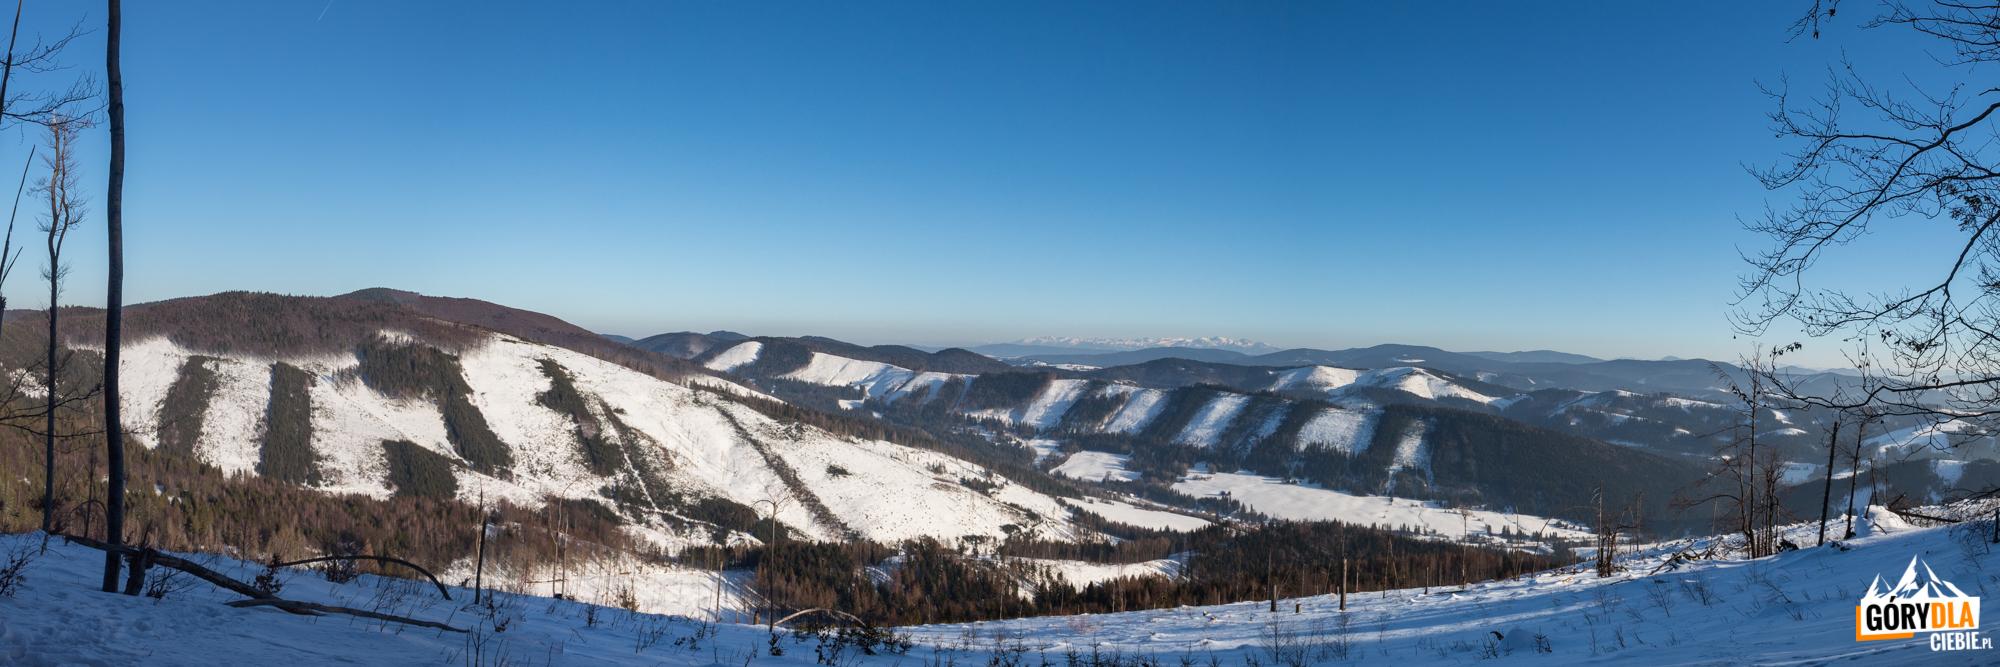 Panorama wkierunku Tatr spod szczytu Jaworzyny (1173 m)